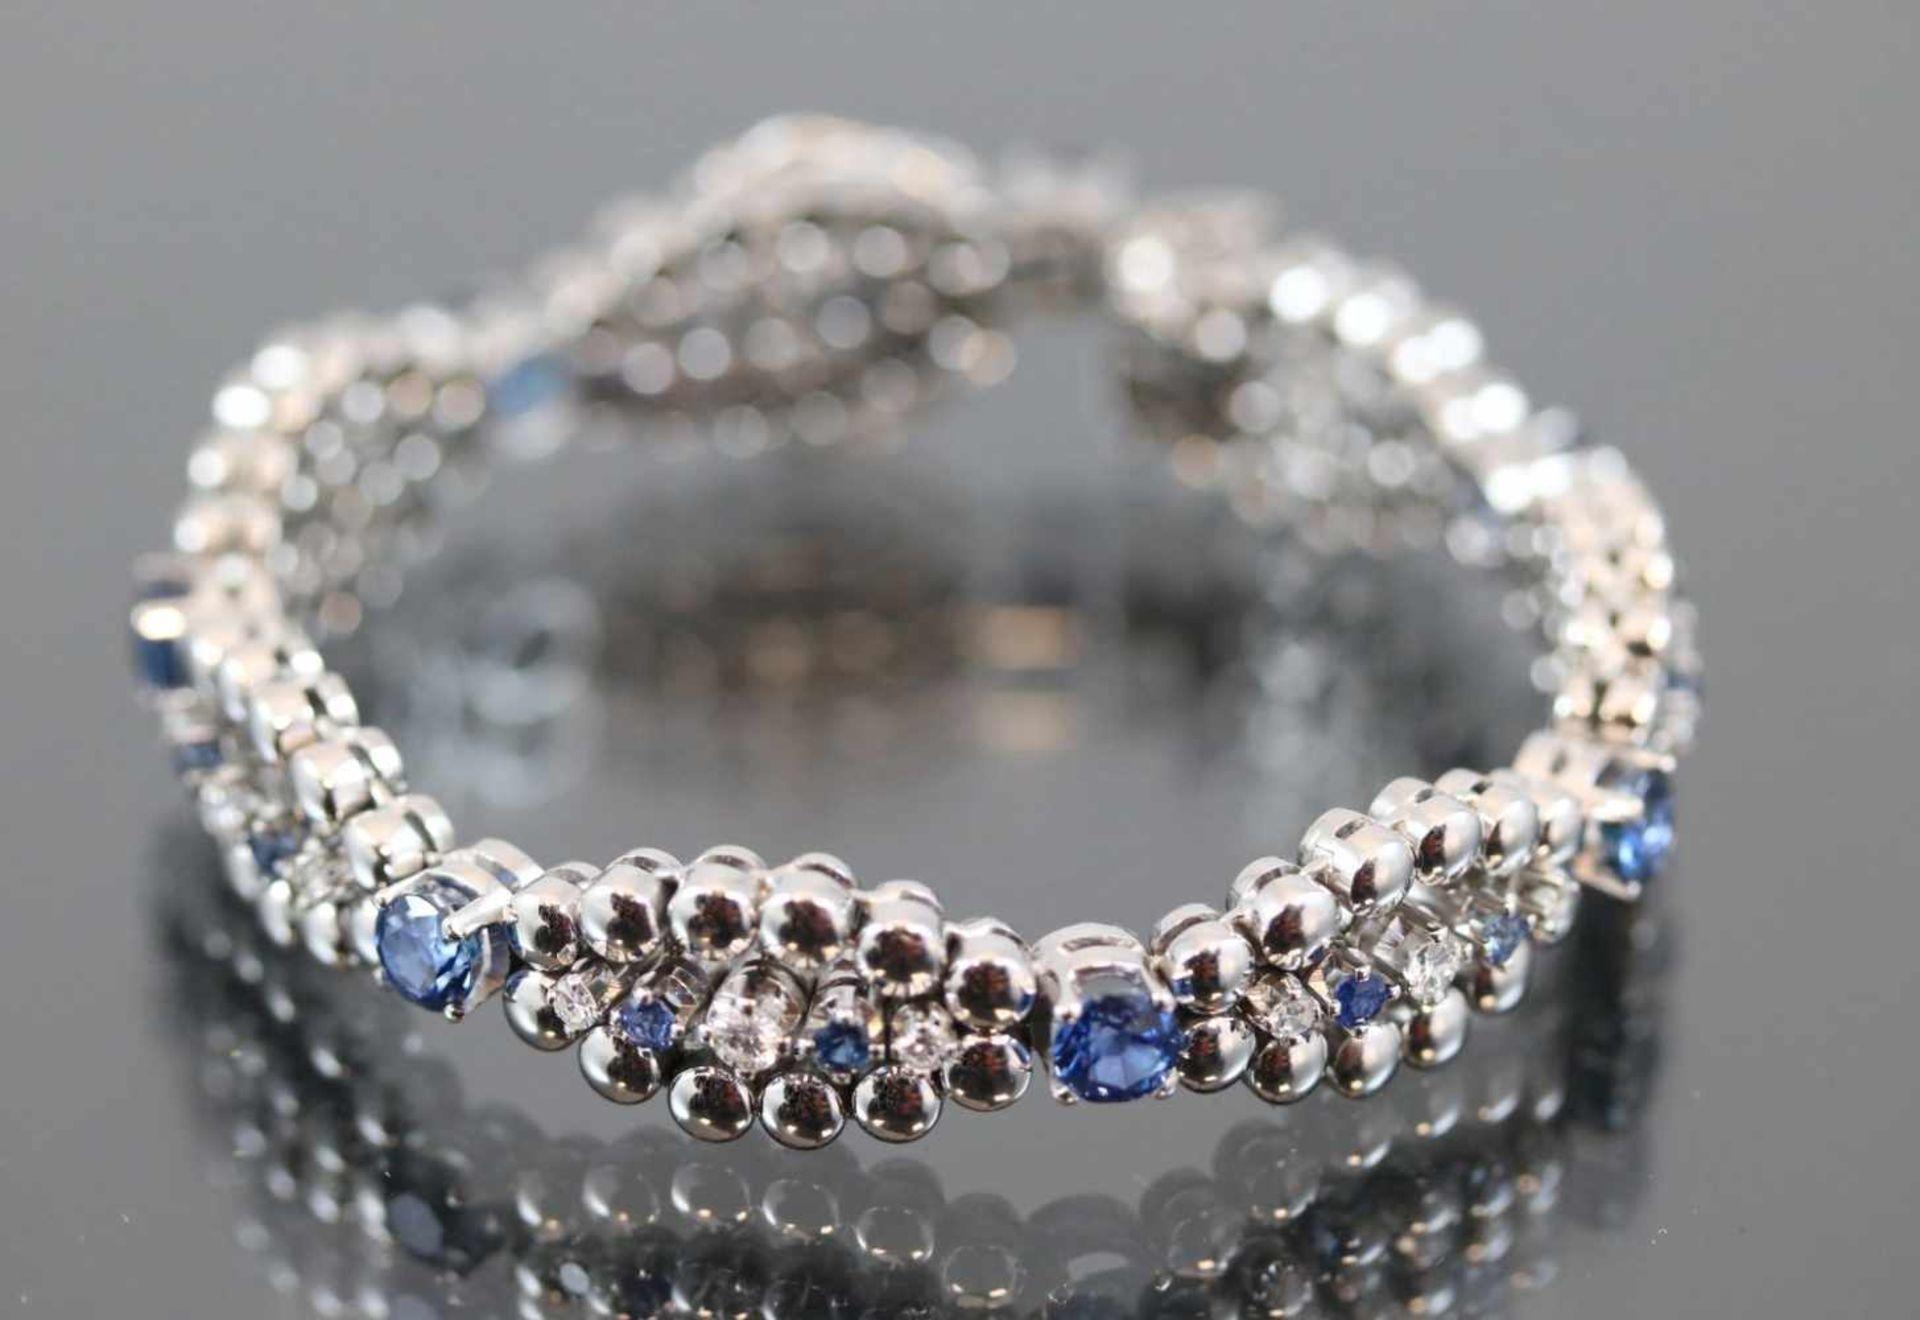 Los 42 - Saphir-Brillant-Armband, 750 Weißgold31,4 Gramm 7 Brillanten, 0,49 ct., tw/vsi. Länge: 16 cm